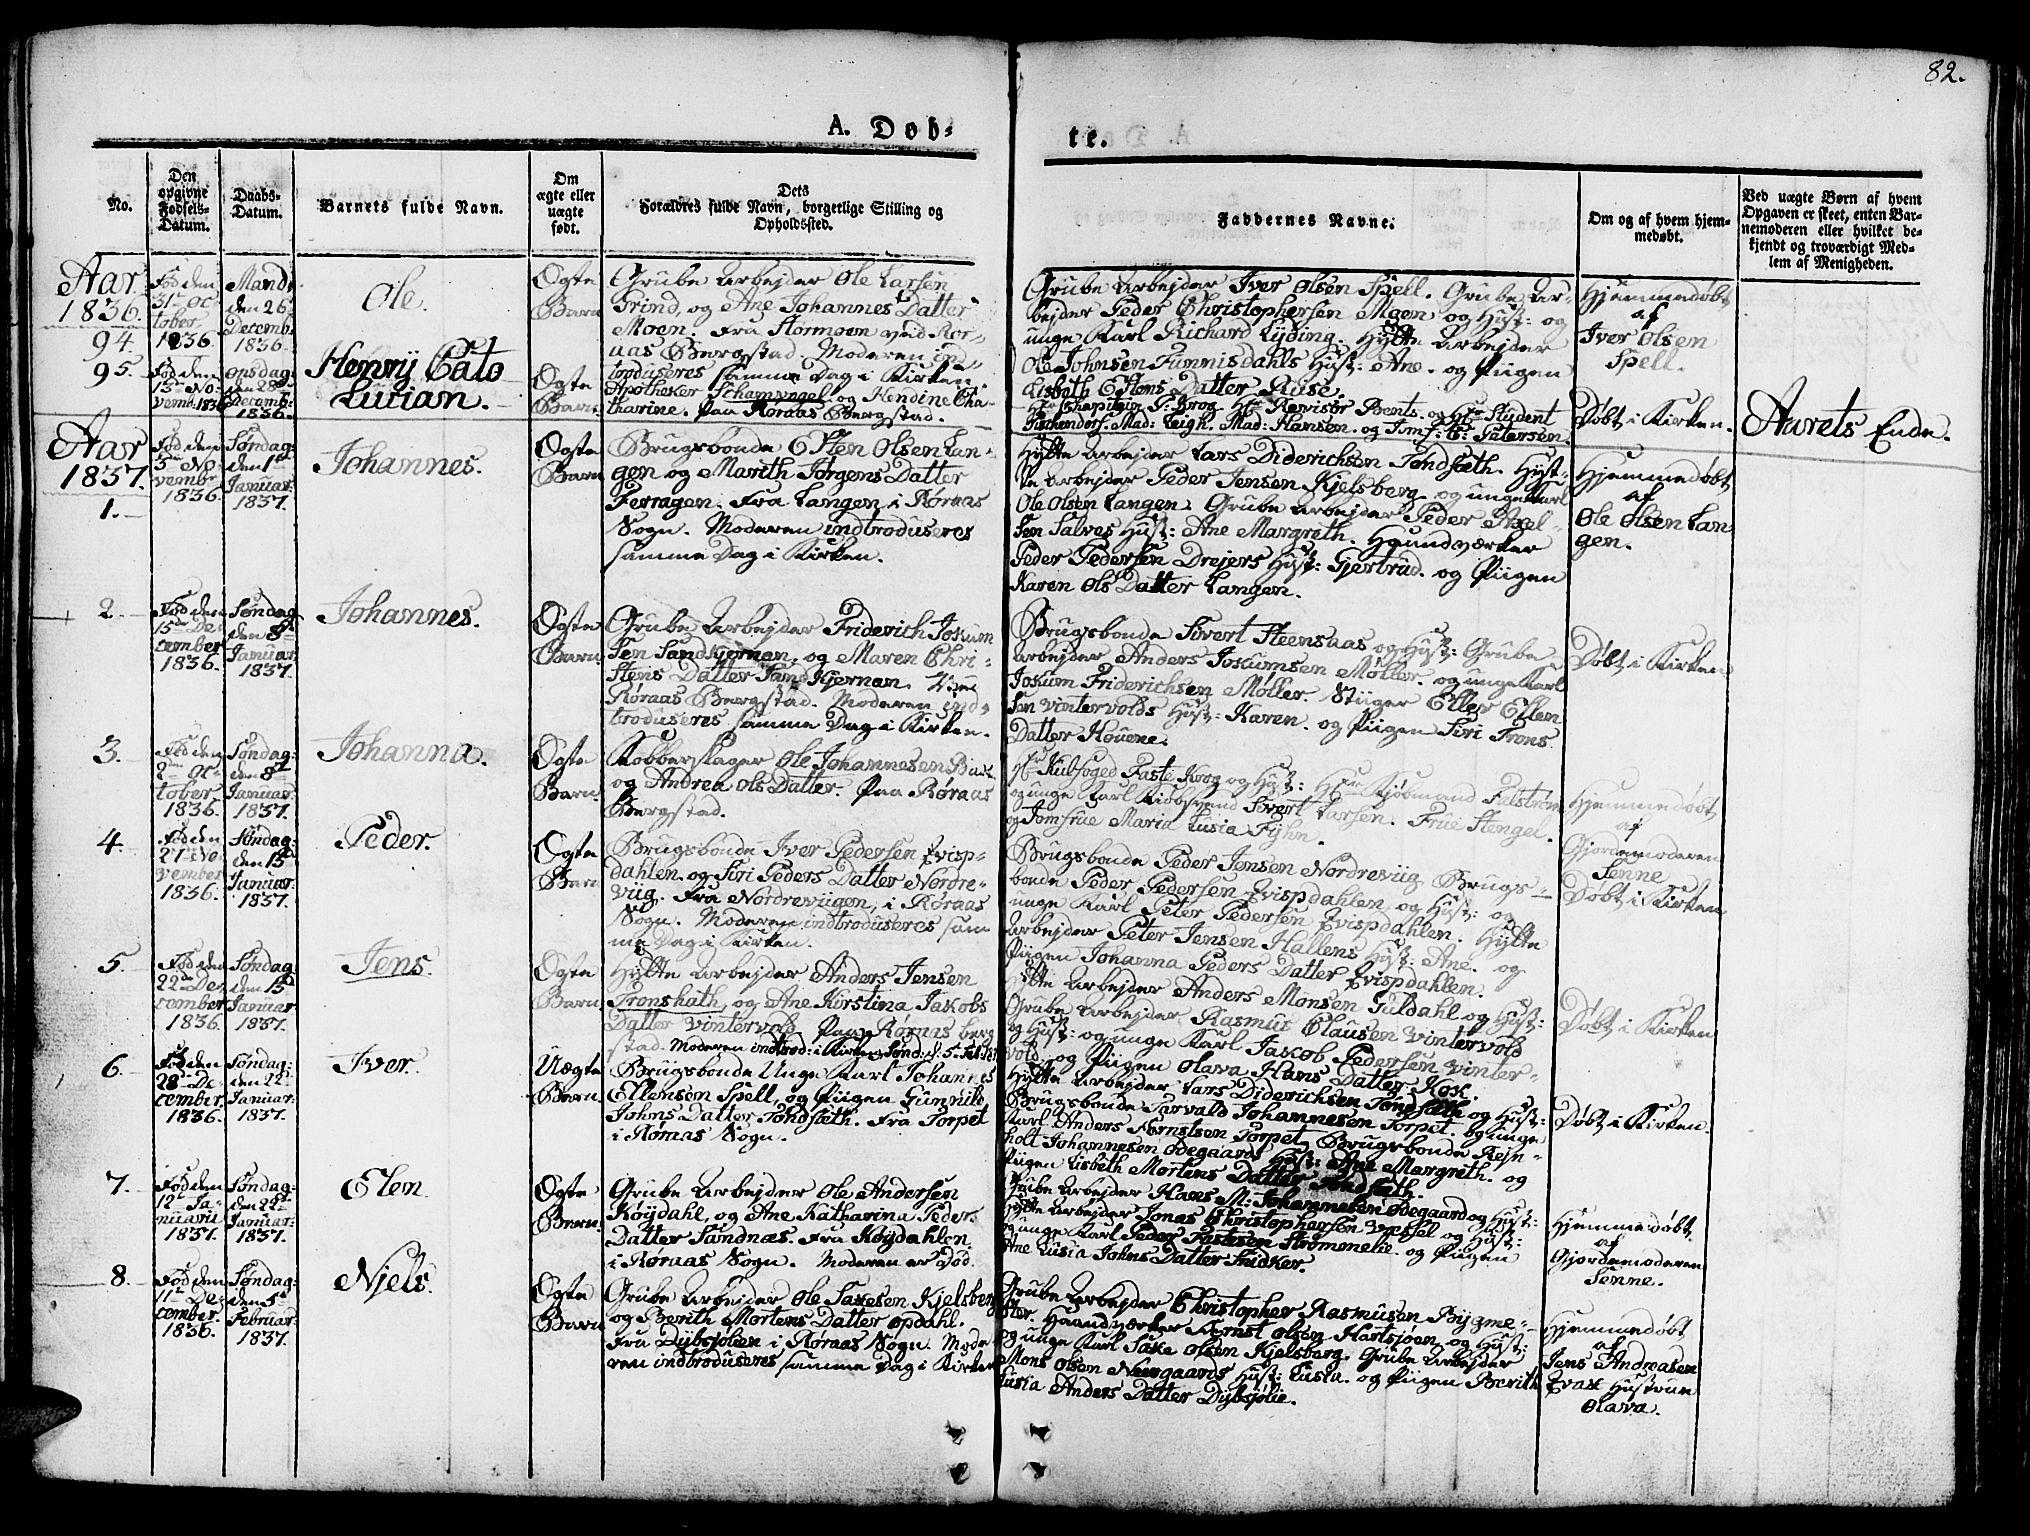 SAT, Ministerialprotokoller, klokkerbøker og fødselsregistre - Sør-Trøndelag, 681/L0938: Klokkerbok nr. 681C02, 1829-1879, s. 82